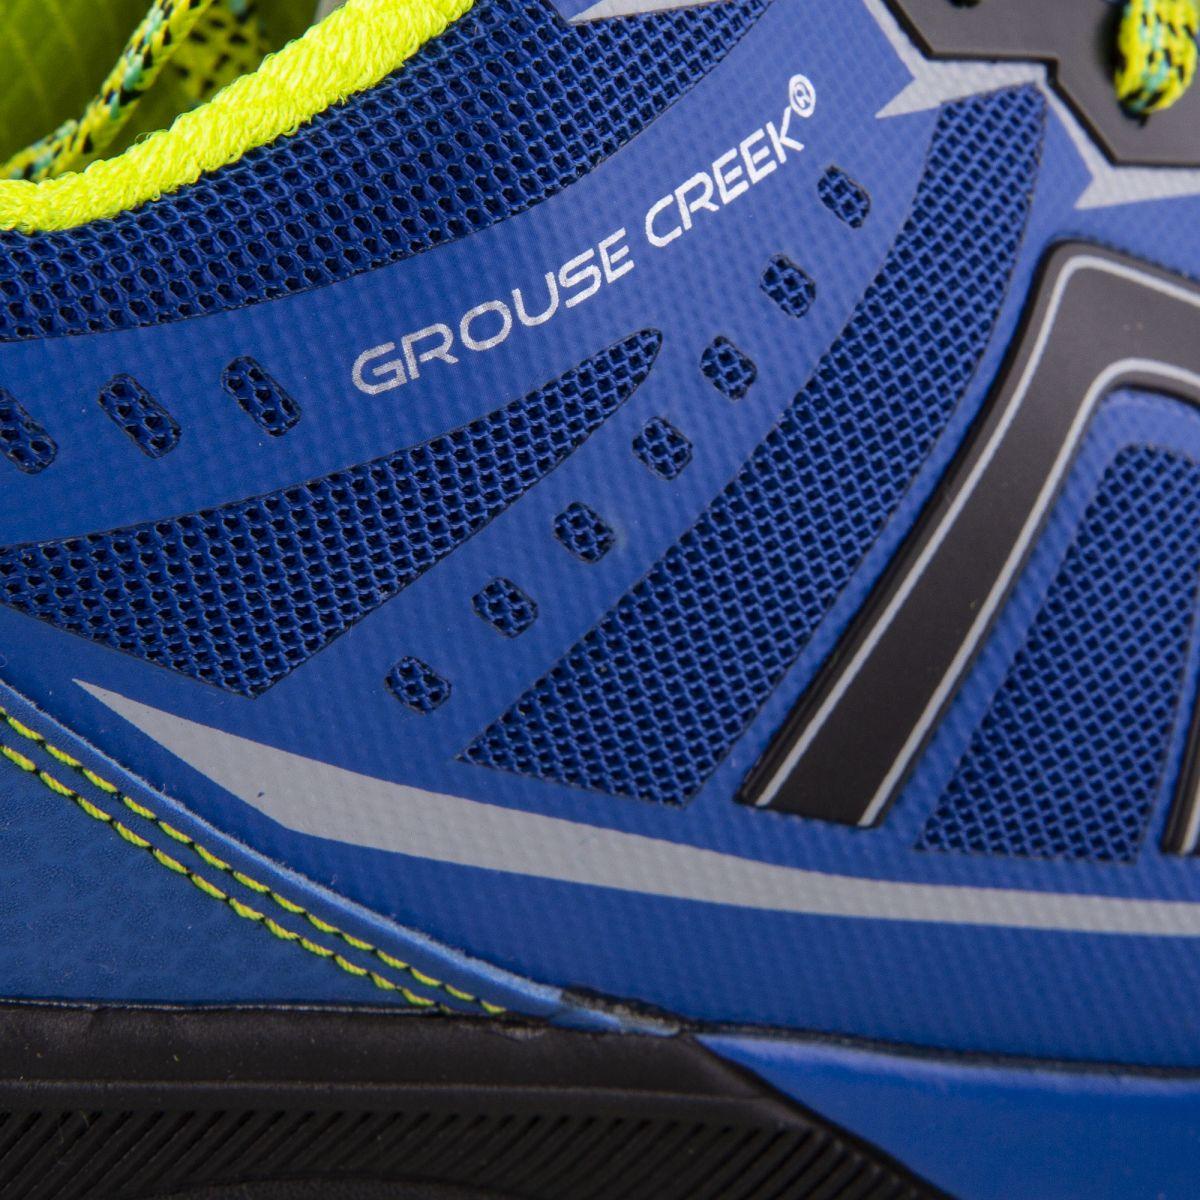 58c4abf53427 ... Baskets running homme GROUSE CREEK marque pas cher prix dégriffés  destockage ...